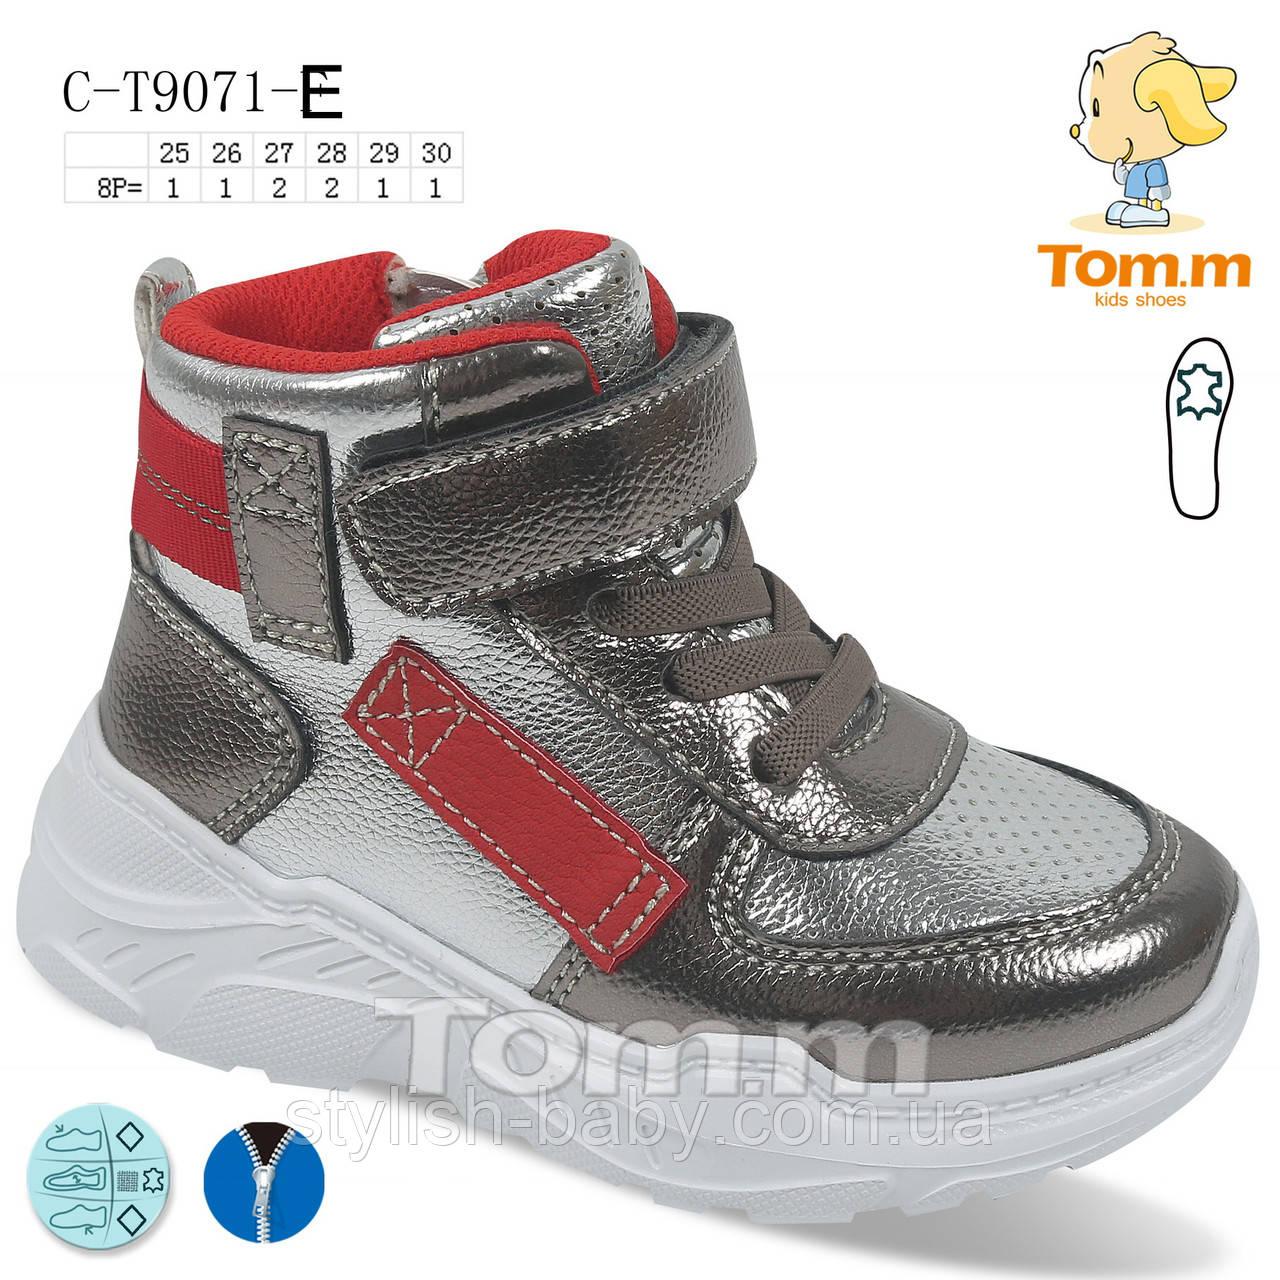 Детская обувь оптом. Детская демисезонная обувь 2021 бренда Tom.m для девочек (рр. с 25 по 30)